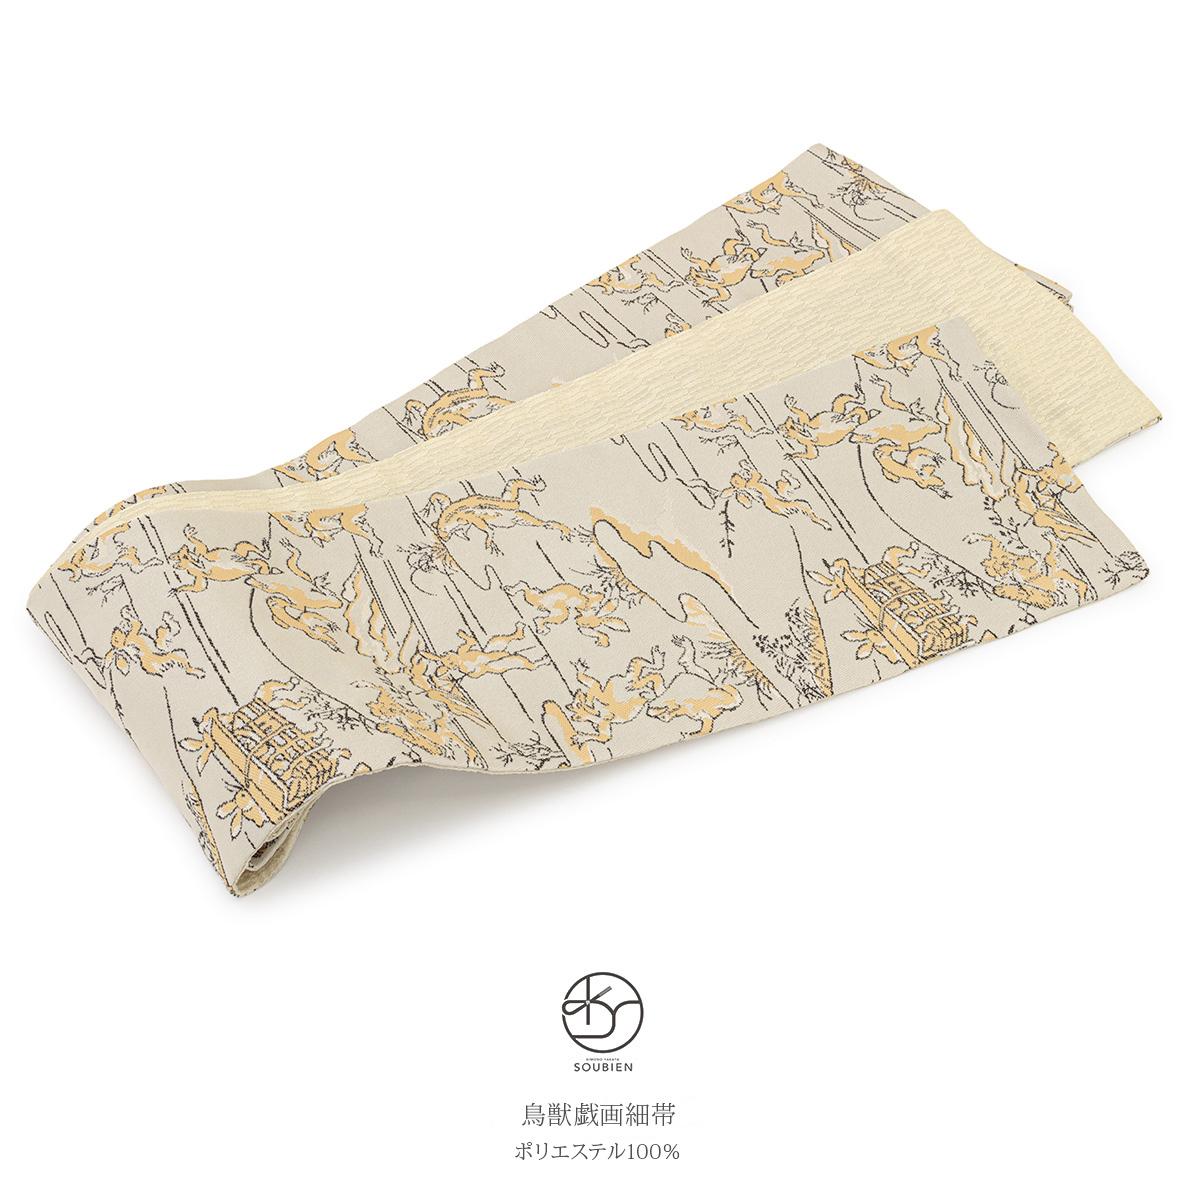 おりびと(織美桐)のカジュアル半幅帯